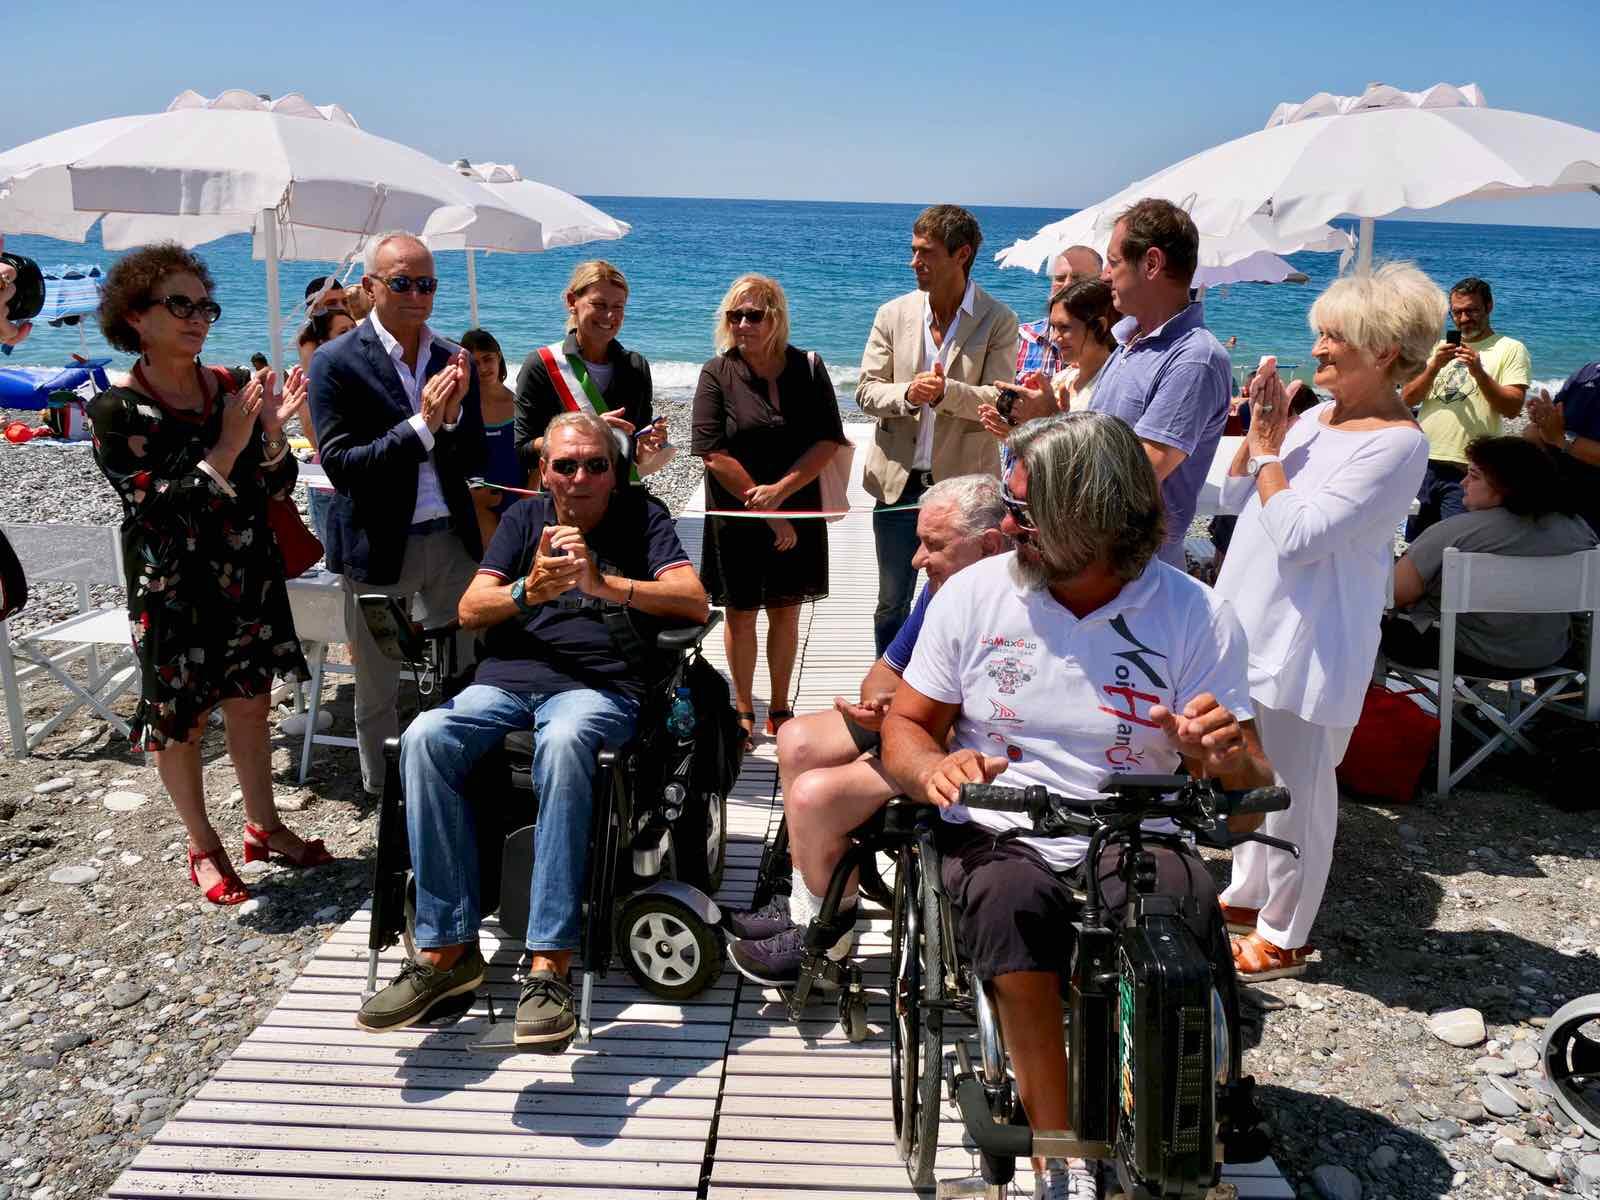 Inaugurazione spiaggia attrezzata di Lavagna per persone disabili 2019.07.16 - 4